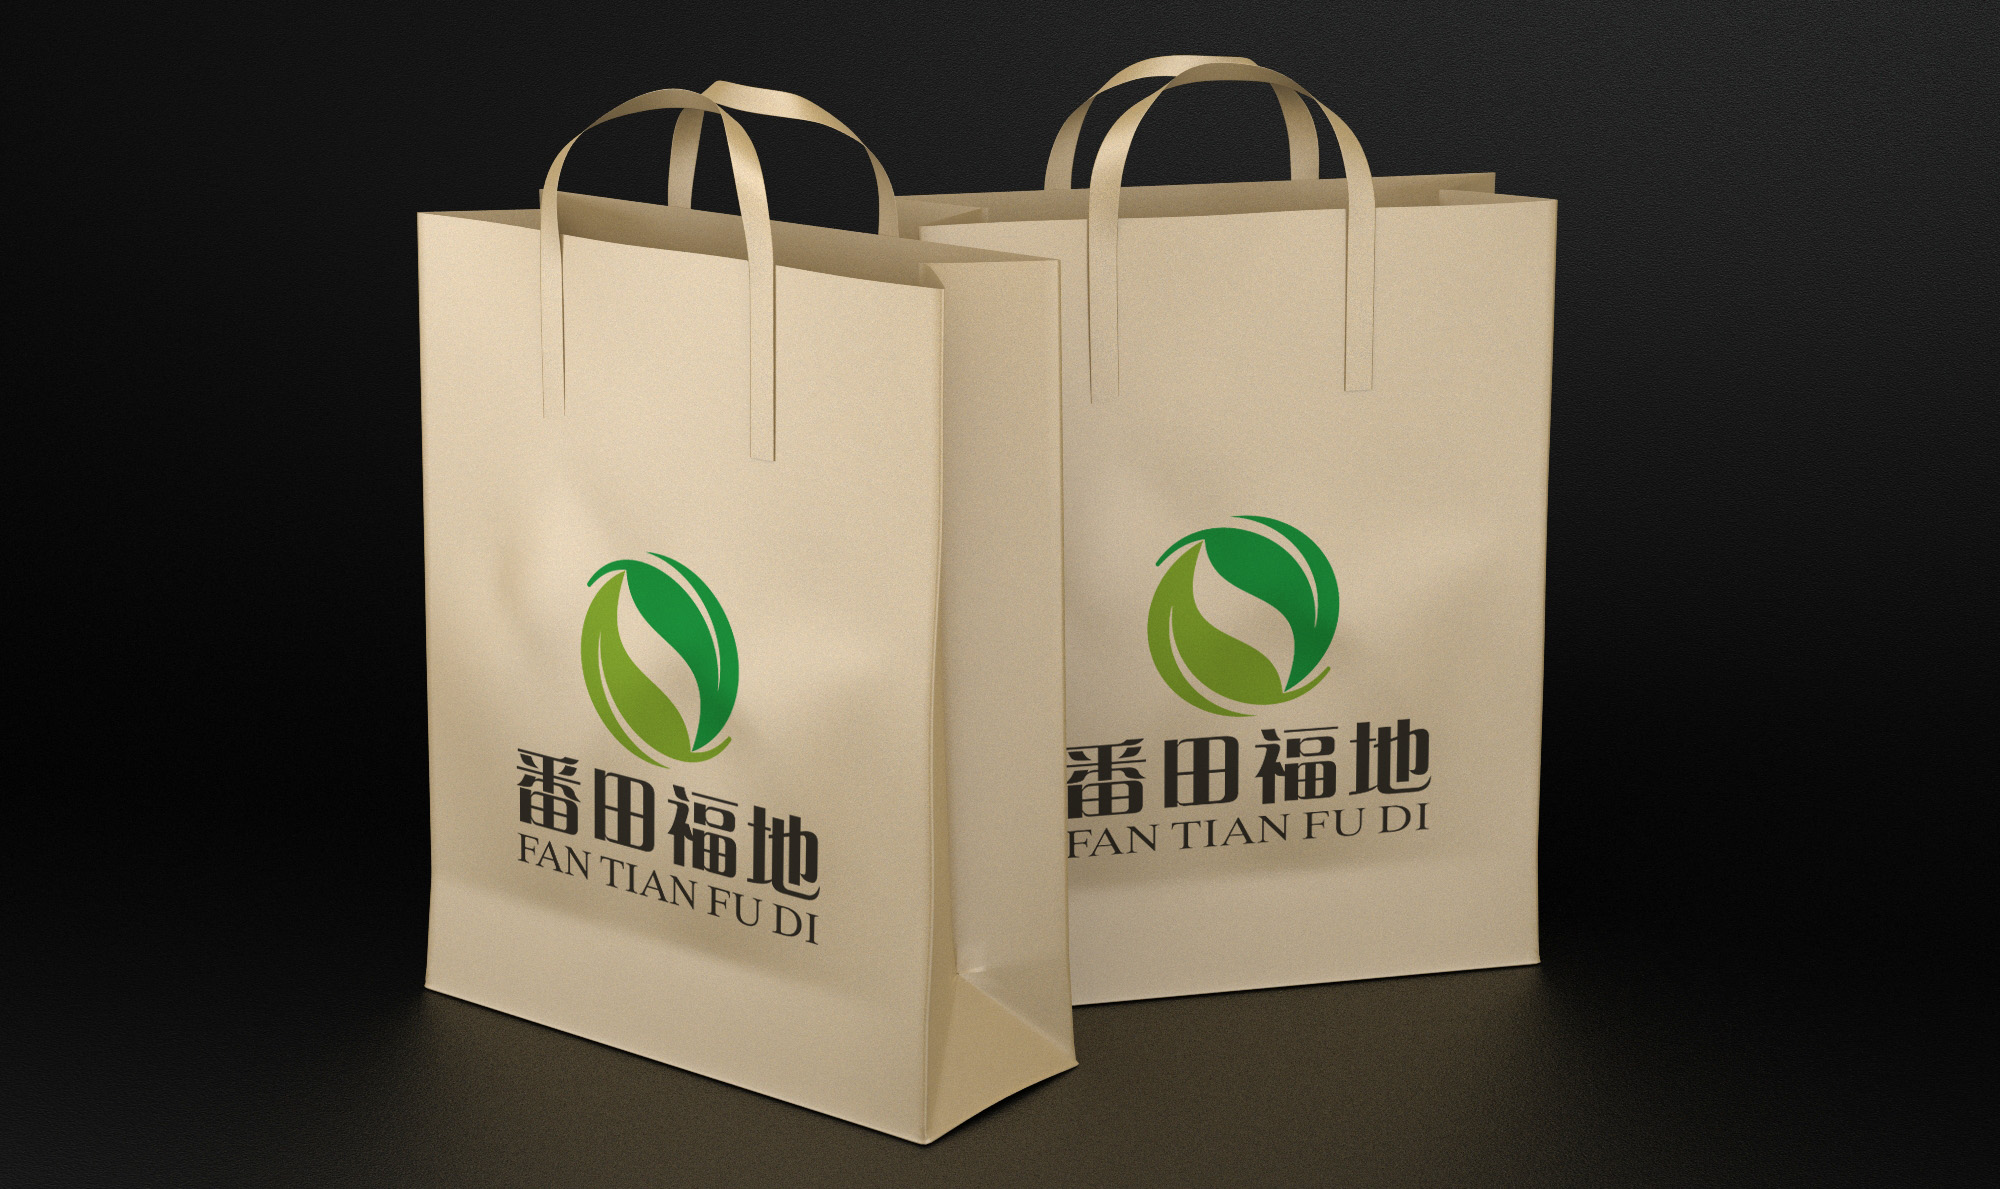 """铁棍山药商标""""番田福地""""logo设计_2959202_k68威客网"""